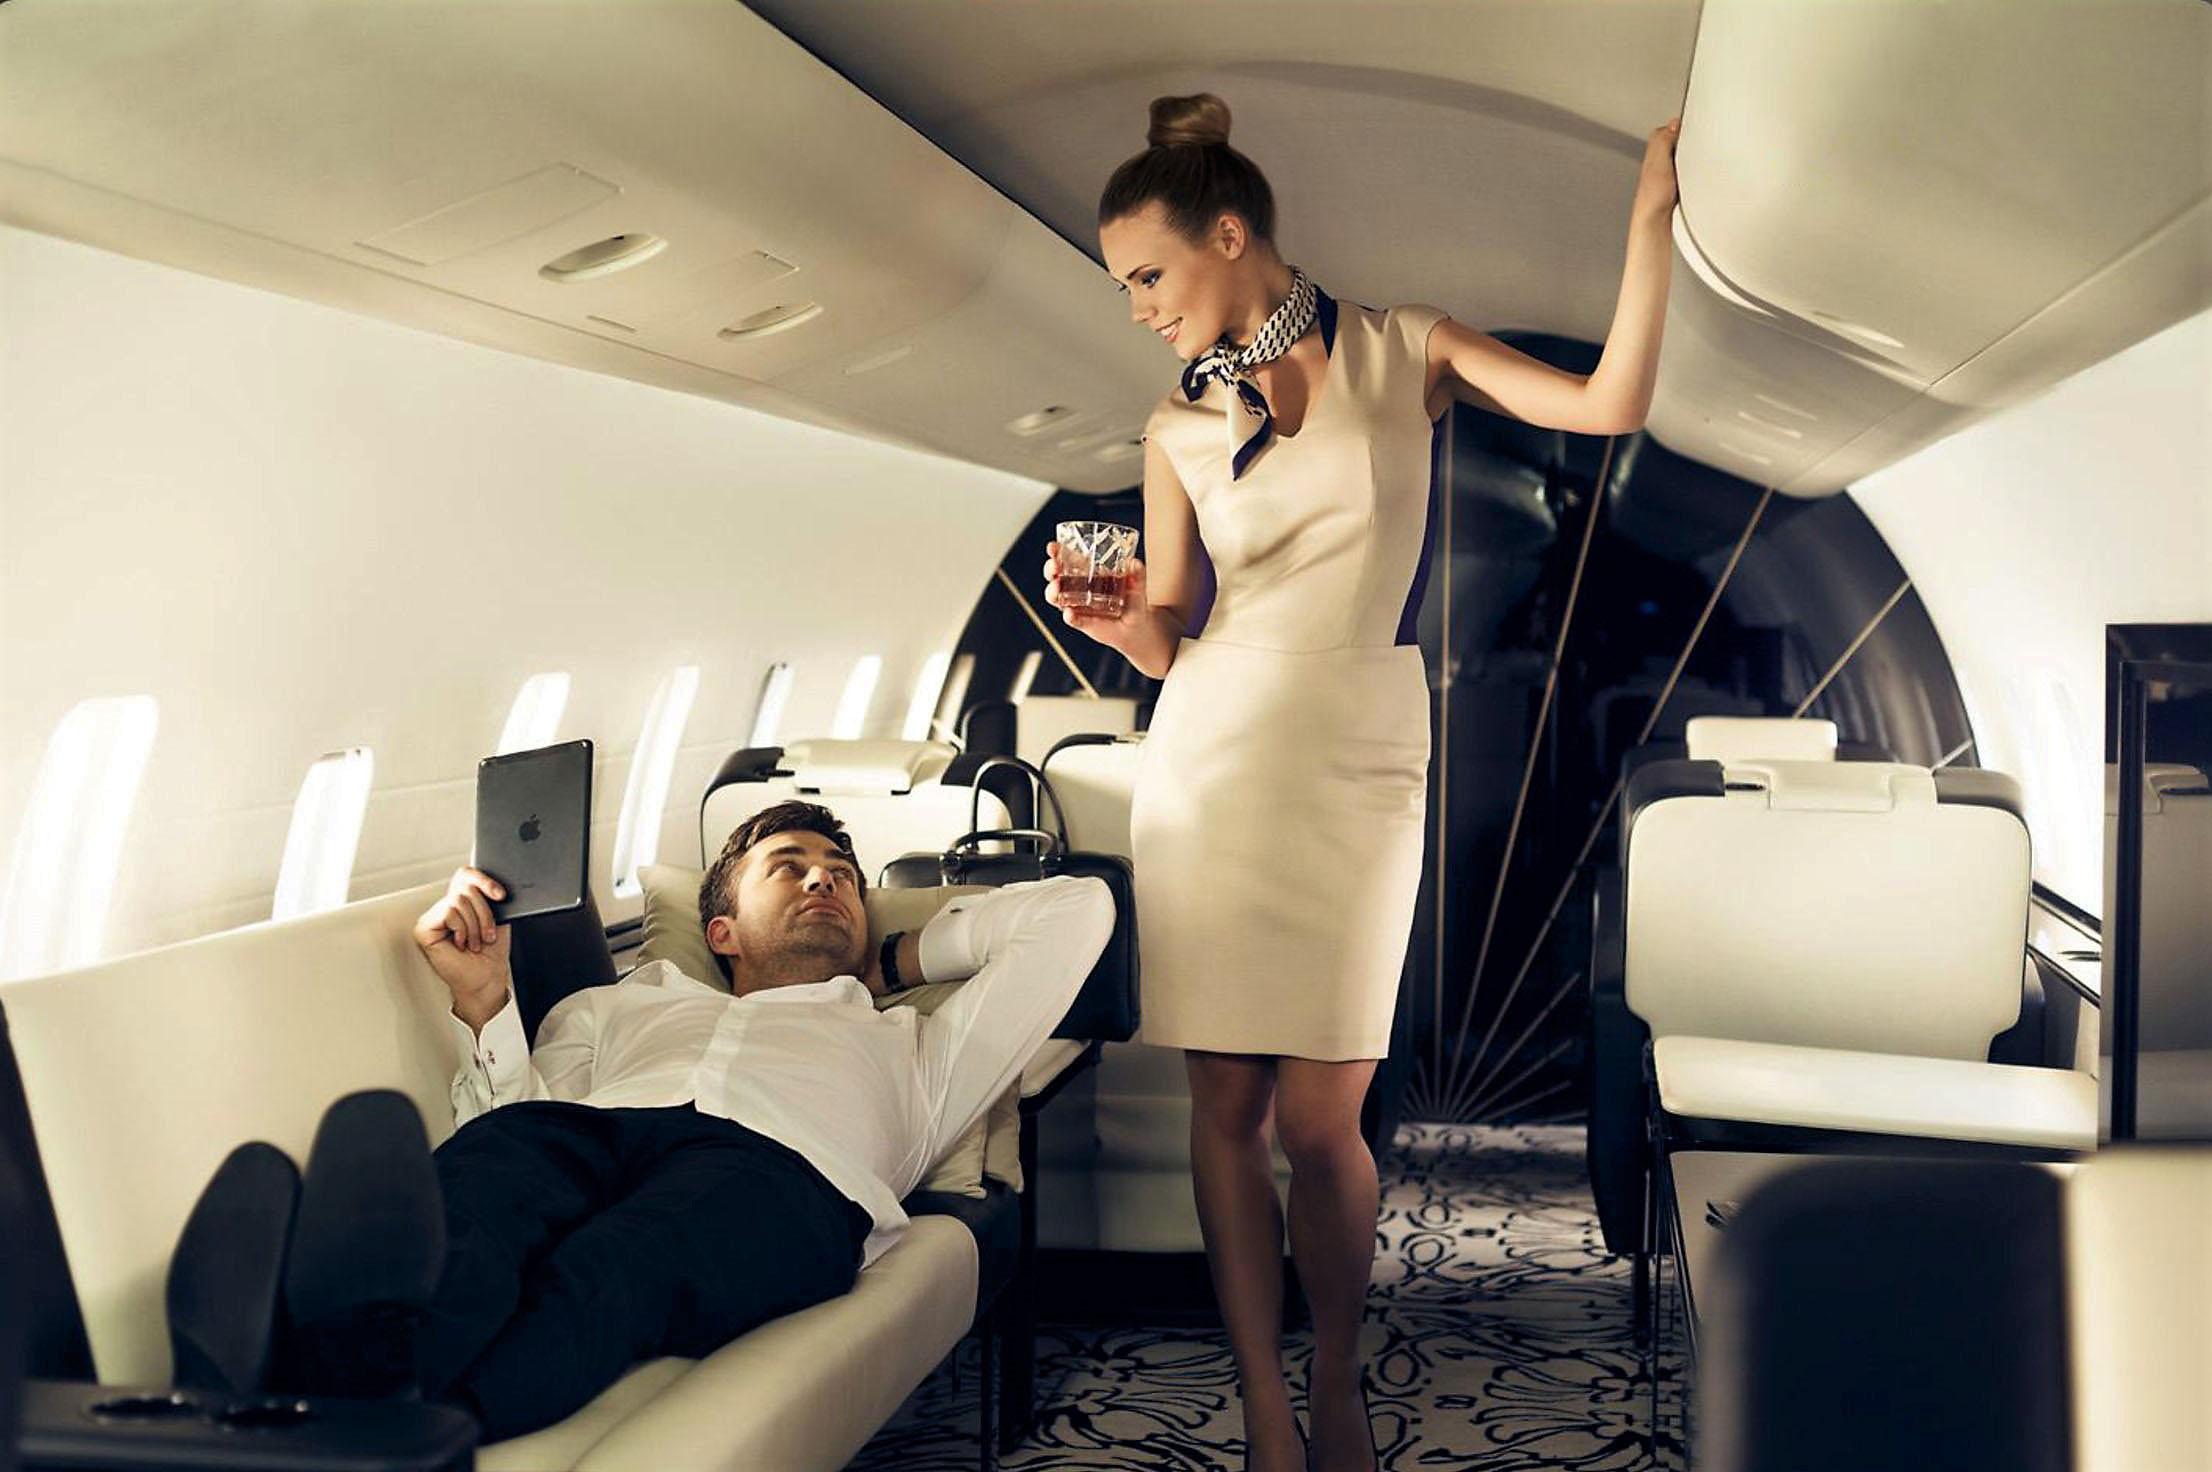 парень и девушка в самолете очнь волосатая